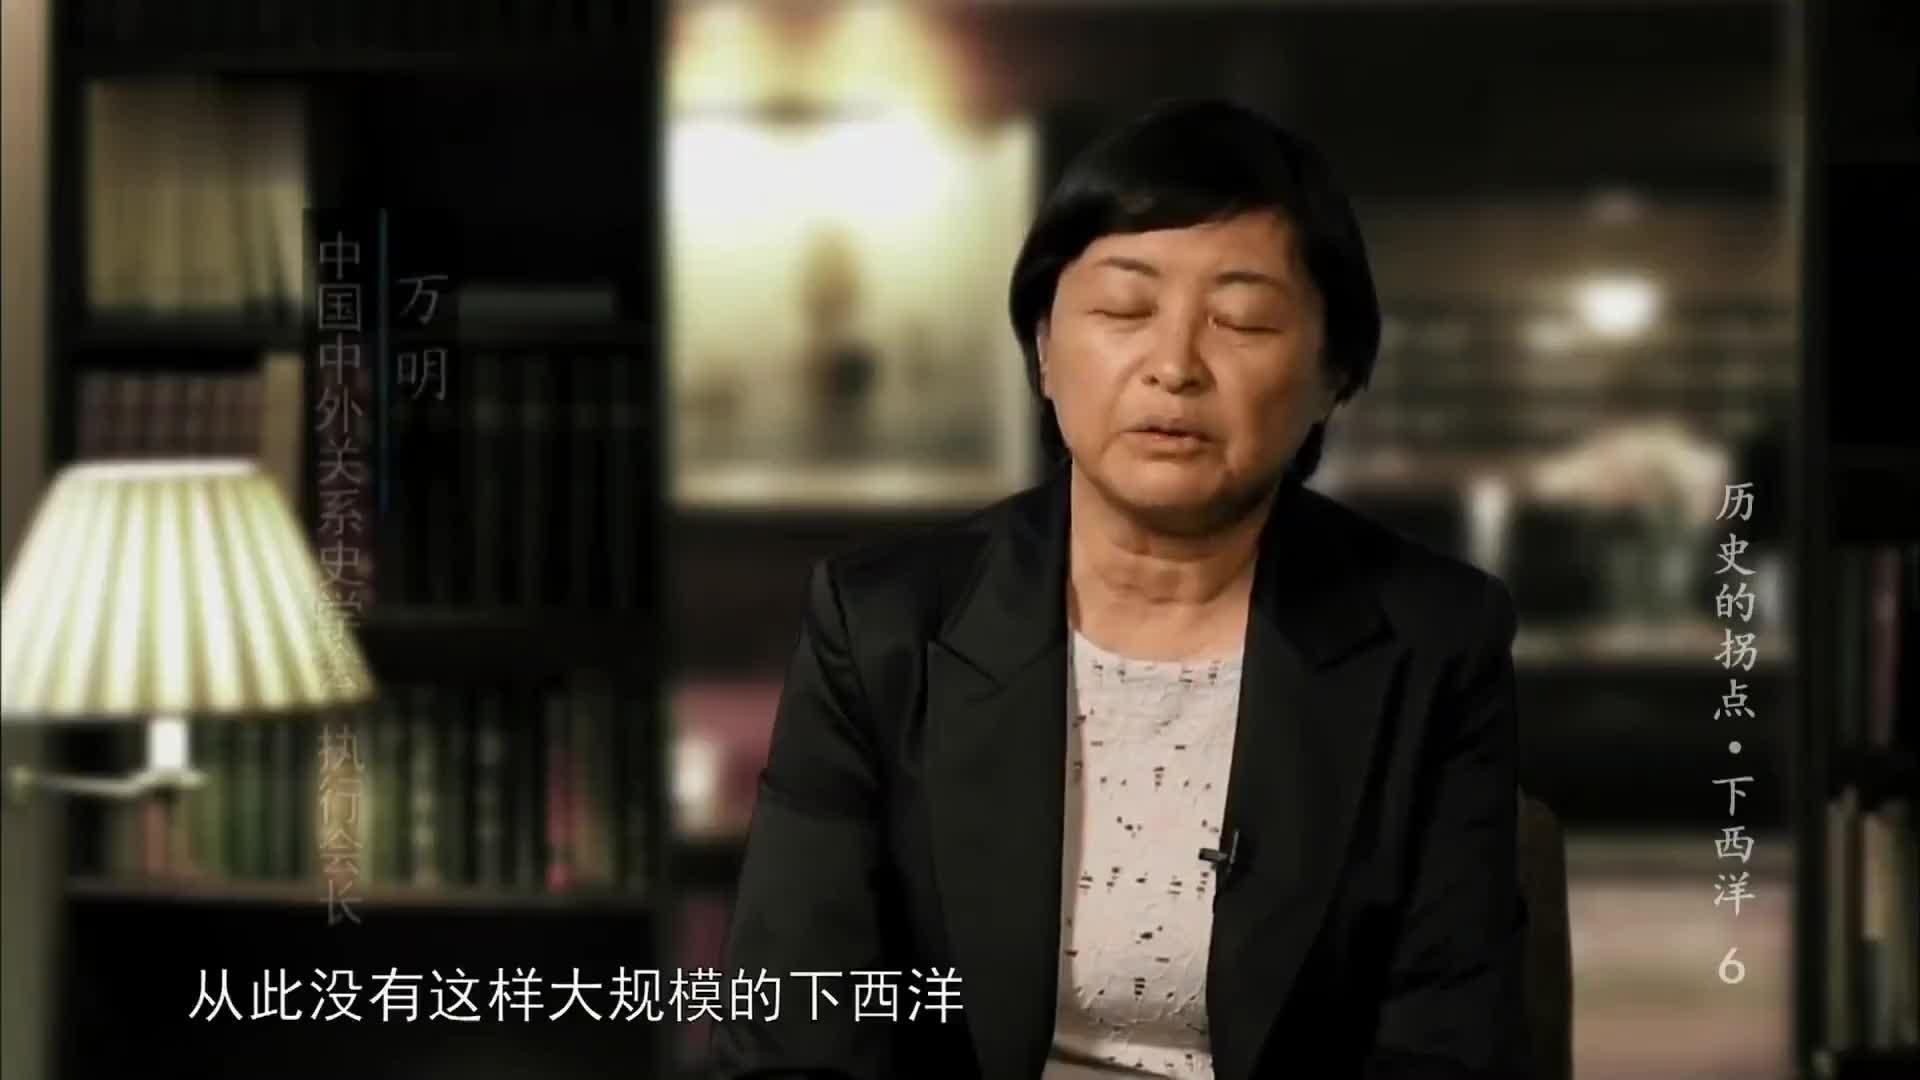 下西洋第六集(1)隆庆开关,中国融入世界贸易